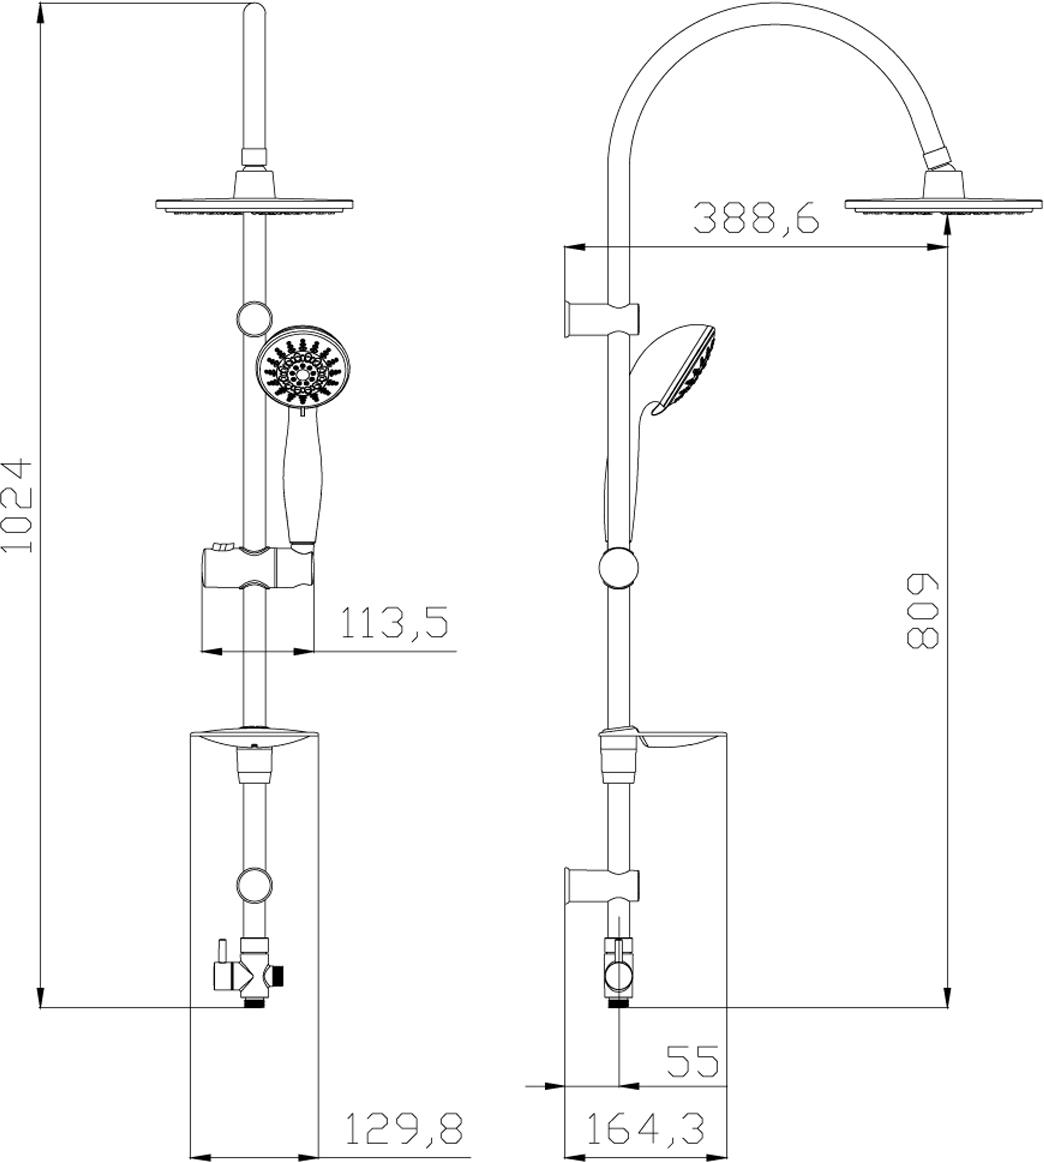 LM8801C.Душевой гарнитур с фиксированной высотой штанги и верхней душевой лейкой «Тропический дождь».Комплектация:• 5-функциональная лейка O85 мм. Режимы: распыление, массаж, брызги шампанского, эко-режим, пауза• верхняя поворотная душевая лейка «Тропический дождь» O200 мм• переключатель с керамическими пластинами• регулируемое по высоте крепление для лейки• регулируемая по высоте мыльница• душевой шланг 1,5 м (стальной, оплетка с двойным загибом)• шланг 0,8 м для подключения к смесителю (стальной, оплетка с двойным загибом)Смесители LEMARK рассчитаны на 30 лет комфортной эксплуатации.В них соединены современные технологии производства и продуманный конструктив. Установлены комплектующие от известных мировых производителей, являющихся лидерами в своих сегментах:• немецкие аэраторы Neoperl – устройства, регулирующие расход воды;• керамические картриджи и кран-буксы испанской фирмы Sedal.Вся продукция LEMARK устанавливается не только в частном секторе, но и с успехом эксплуатируется в офисах Hewlett-Packard, Walt Disney Studios Sony Pictures Releasing, Mail.ru Group, а также в новом терминале аэропорта «Толмачево» в Новосибирске.Сегодня на смесители LEMARK установлен беспрецедентный 10-летний период бесплатного сервисного обслуживания. Данное условие действует, даже если монтаж изделий производится покупателями cамостоятельно.Сервисная сеть насчитывает 90 гарантийных мастерских по России и странам СНГ.